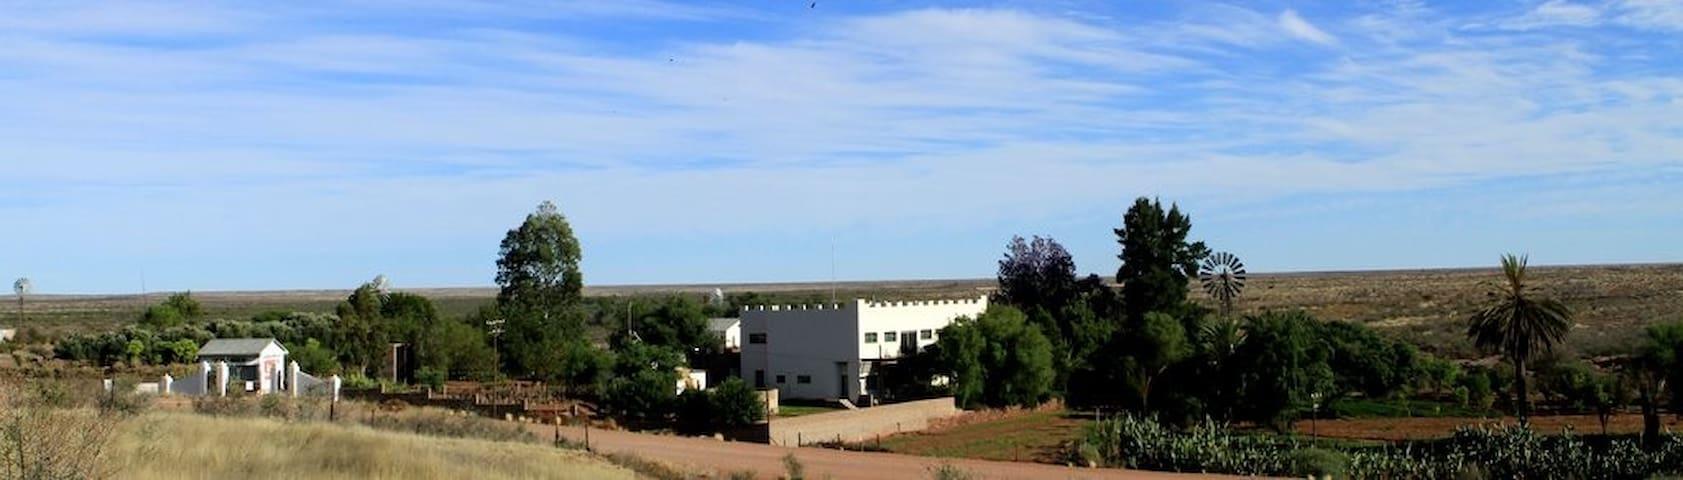 Gross-Aub Ranch